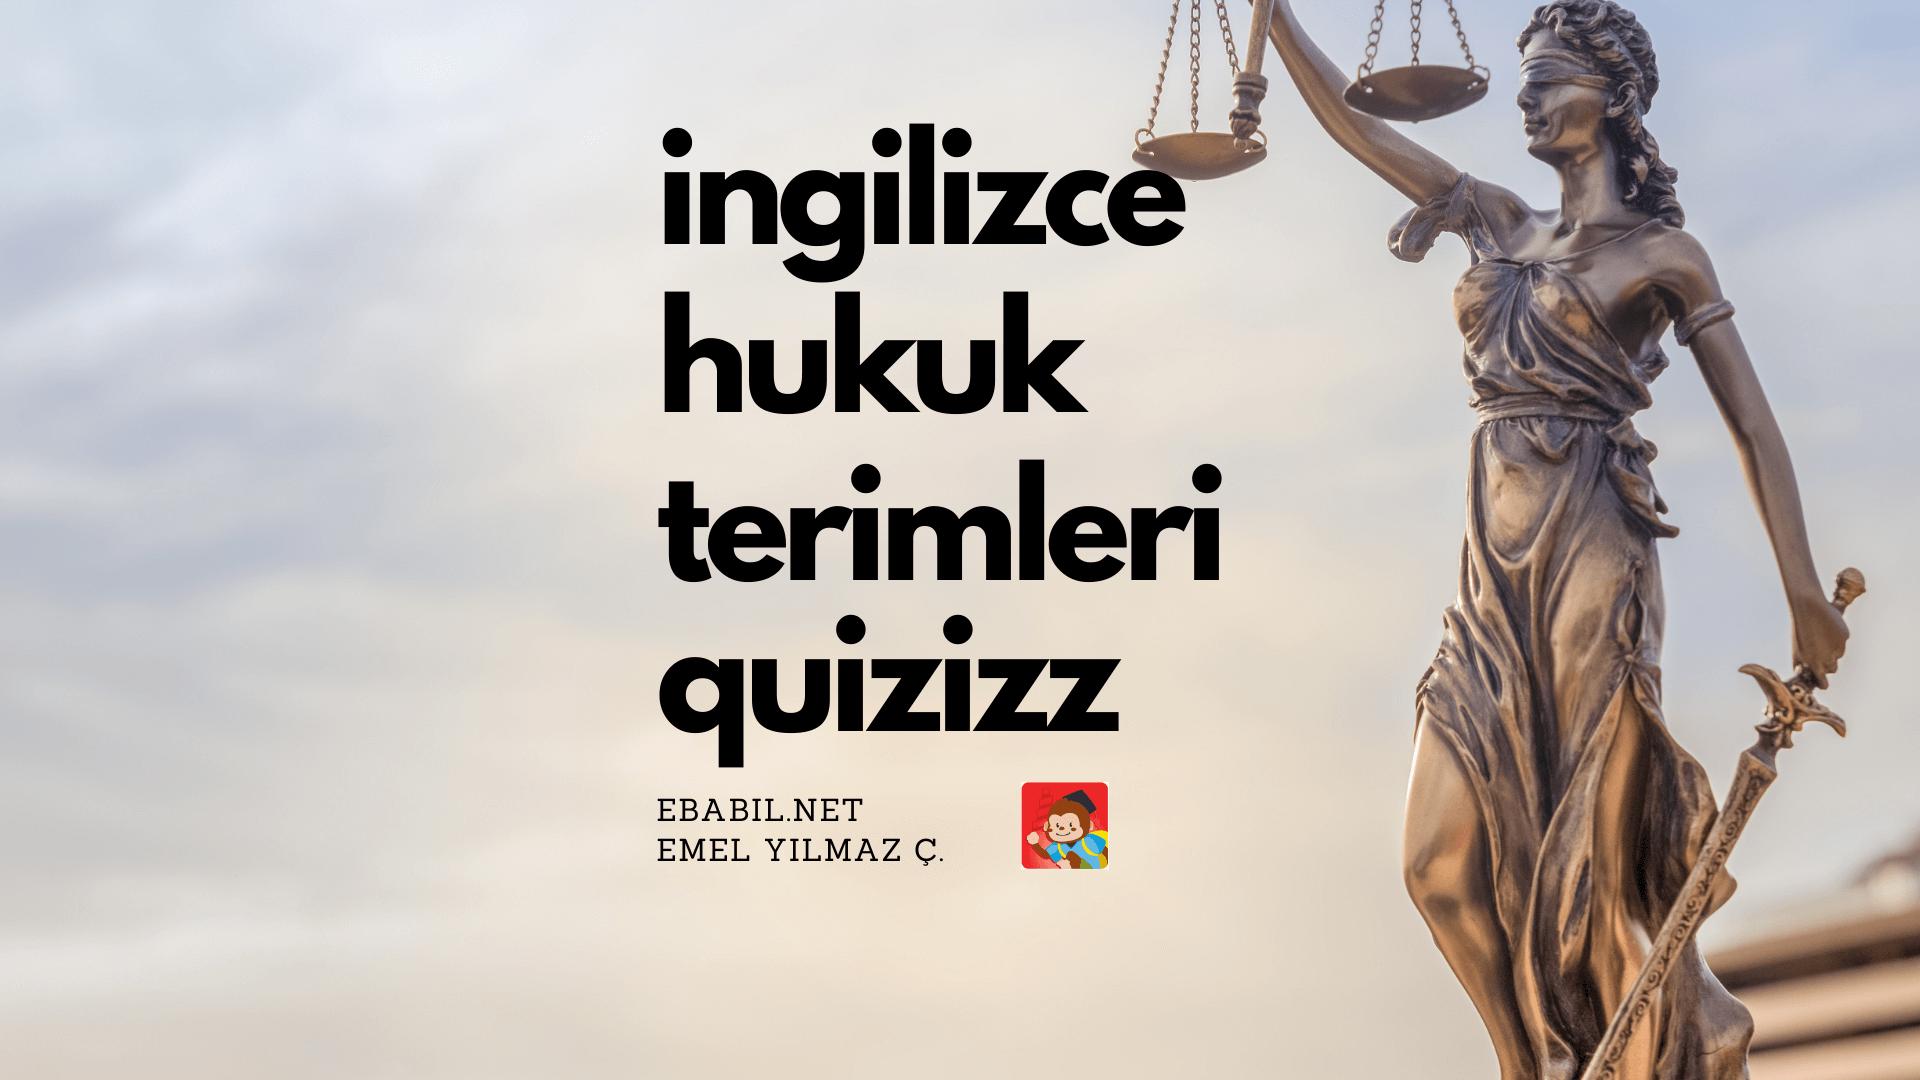 Adalet Terimleriyle İlgili İngilizce Kelime Oyunu (Law Terms)